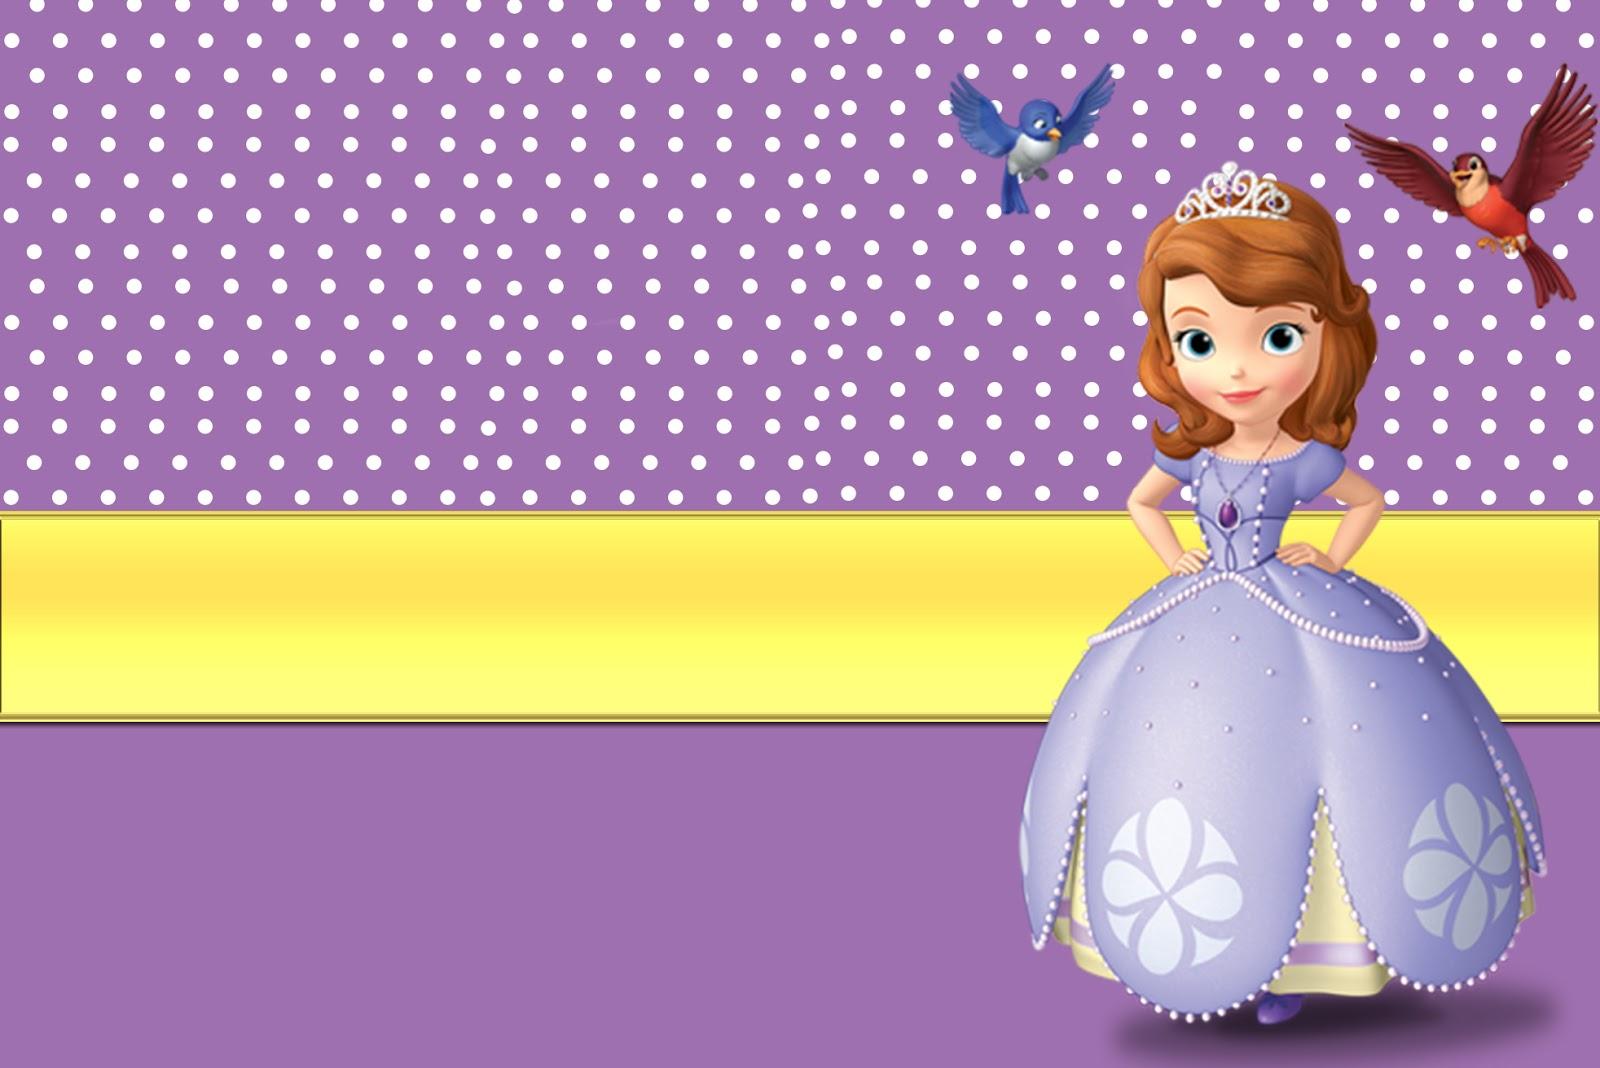 Molduras para fotos princesa sofia toda atual - Foto princesa sofia ...